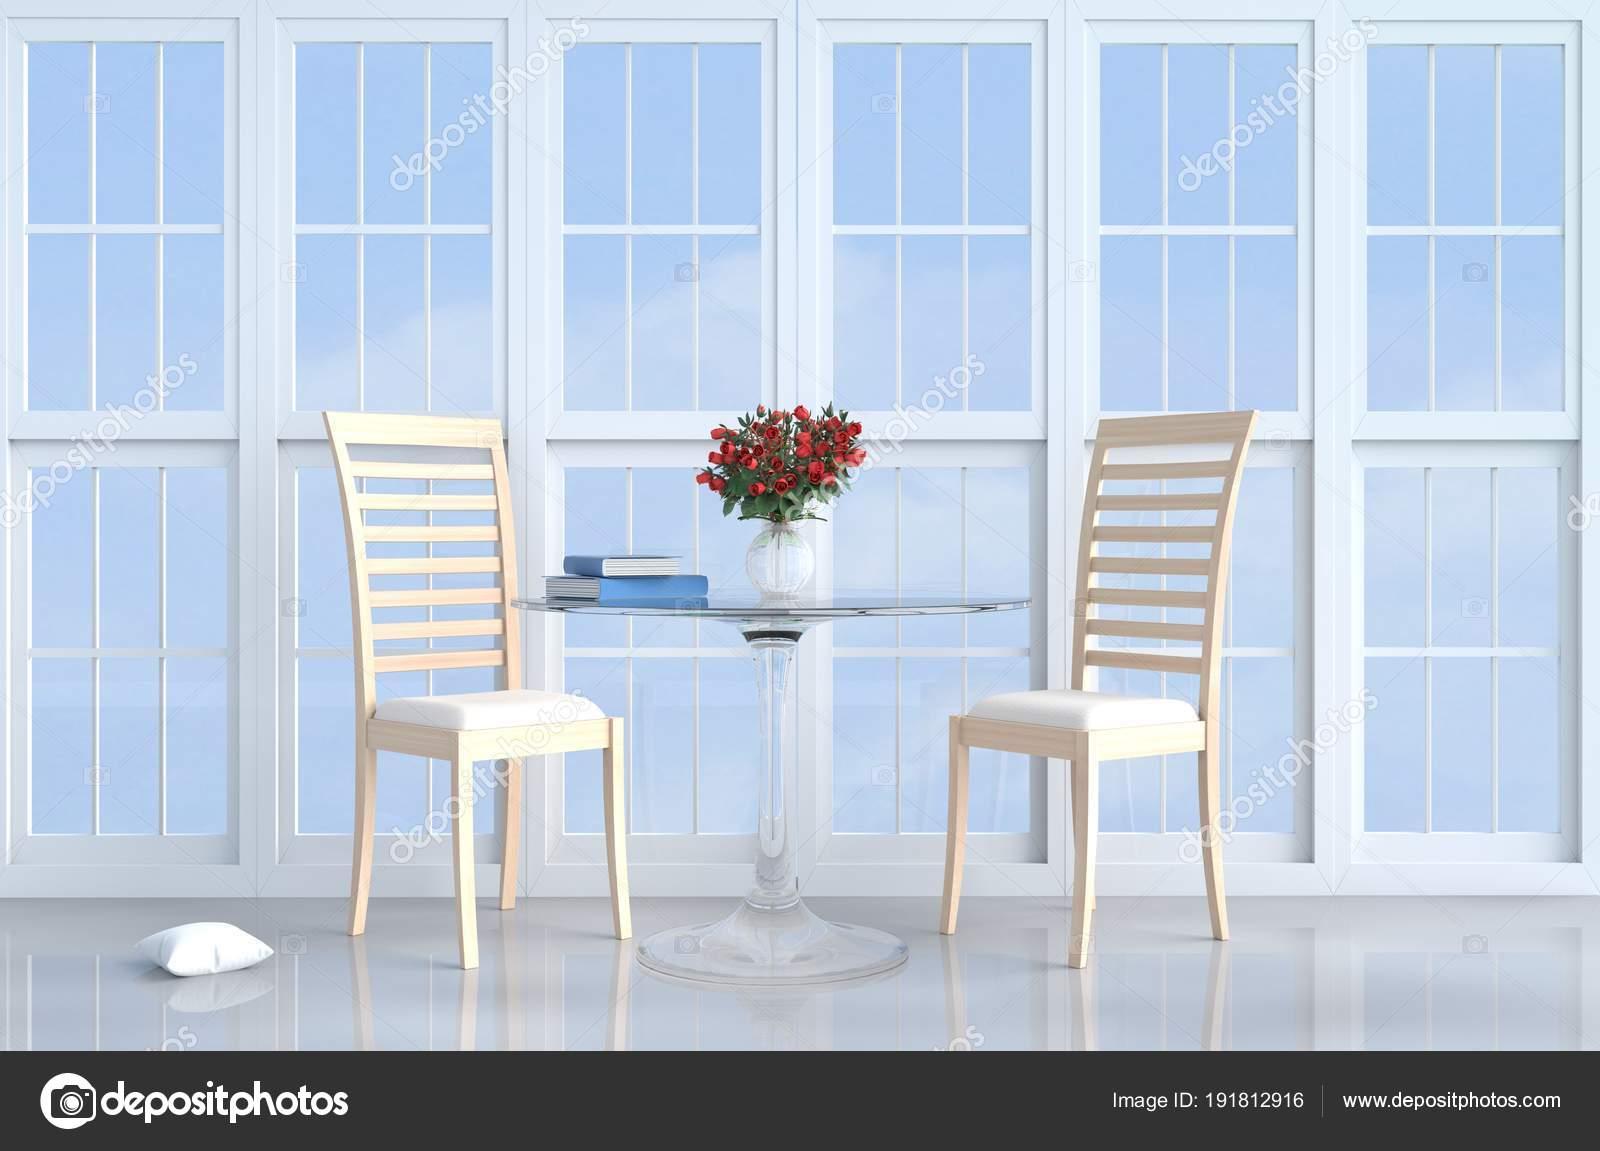 Dcor De Salon Blanc Avec Chaise En Bois Fentre Blanche Coussin Table Sol Ciment Gris Rouge Rose Vase Le Soleil Brille Travers La